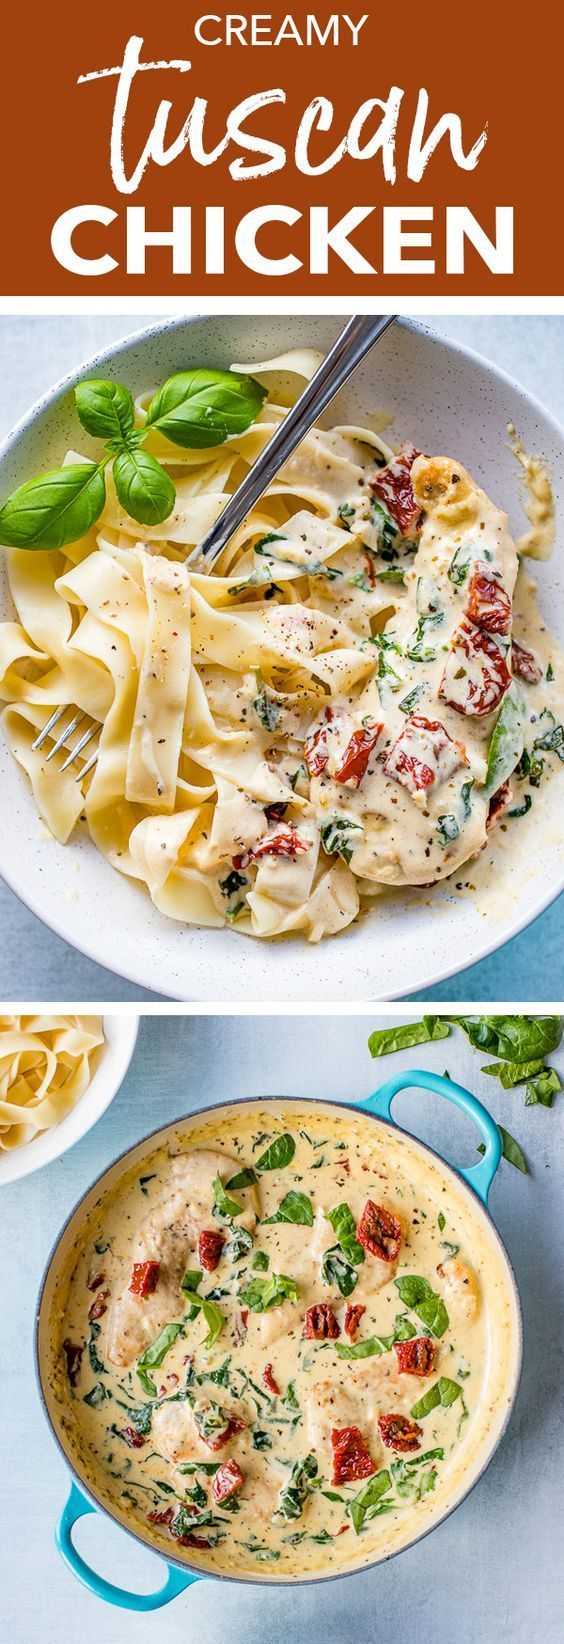 Eine Mahlzeit in Restaurantqualität auf dem Tisch in weniger als 30 Minuten - cremige toskanische ... #als #auf #cremige #dem #eine #mahlzeit #minuten #restaurantqualitat #Tisch #toskanische #weniger #dinnerideas